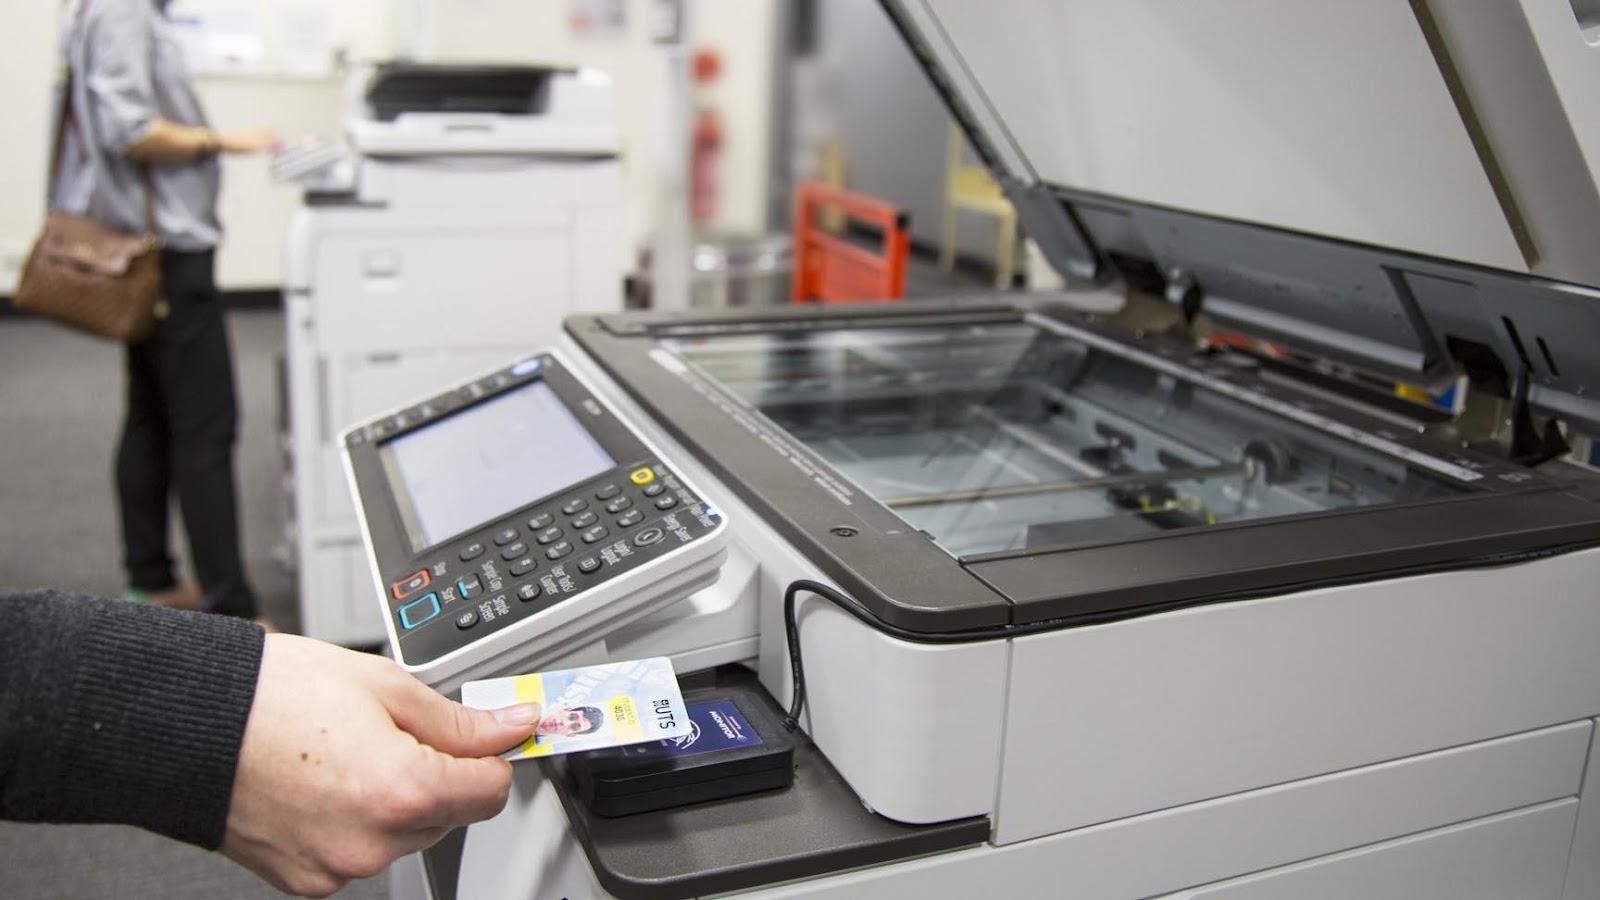 Sử dụng máy photocopy – Nhu cầu thiết yếu của nhiều người